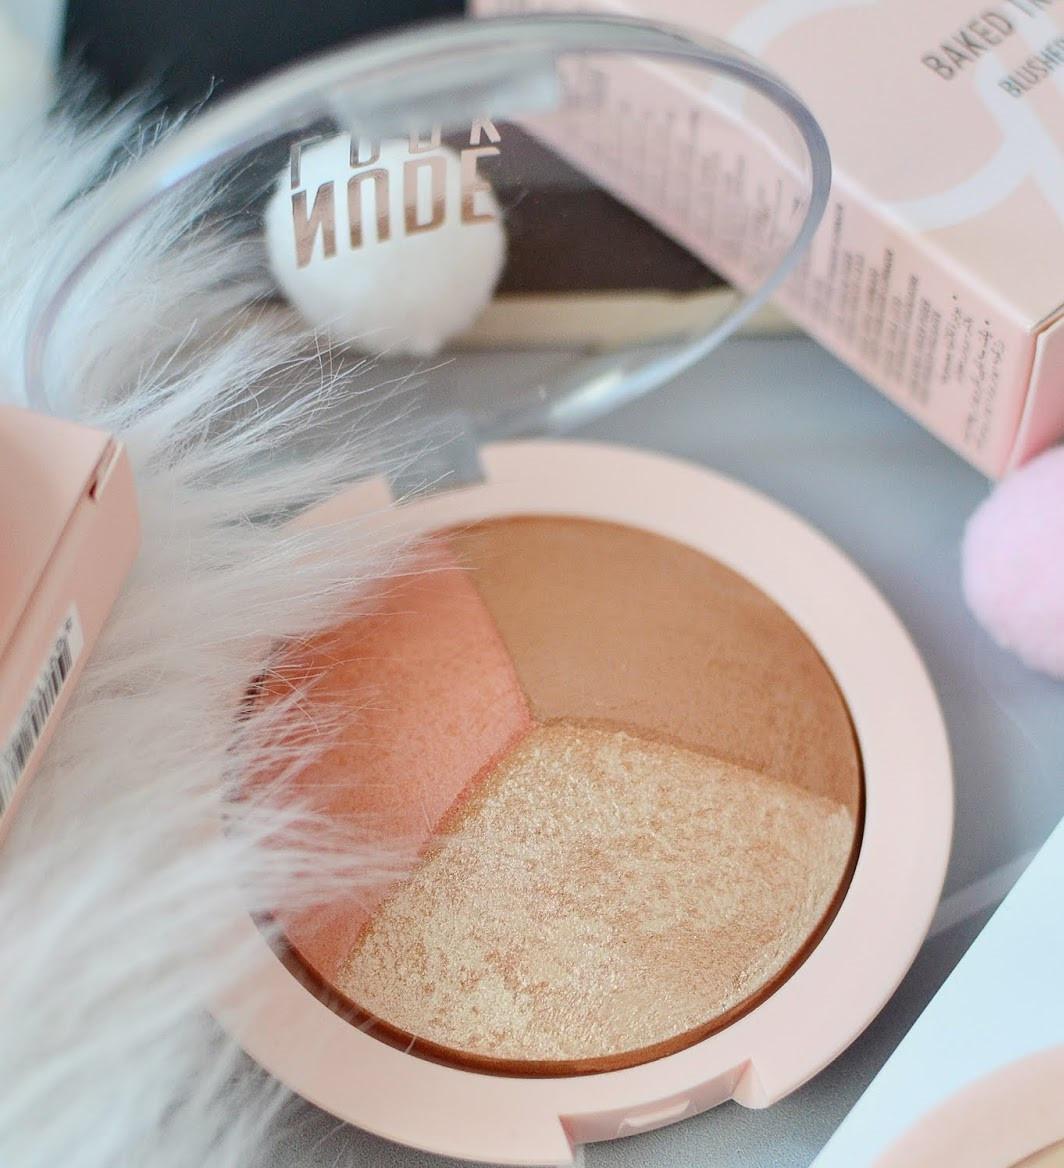 Палетка для контуринга Golden Rose Nude Look Baked Trio Face Powder 3 в 1 (хайлайтер/бронзер/румяна)